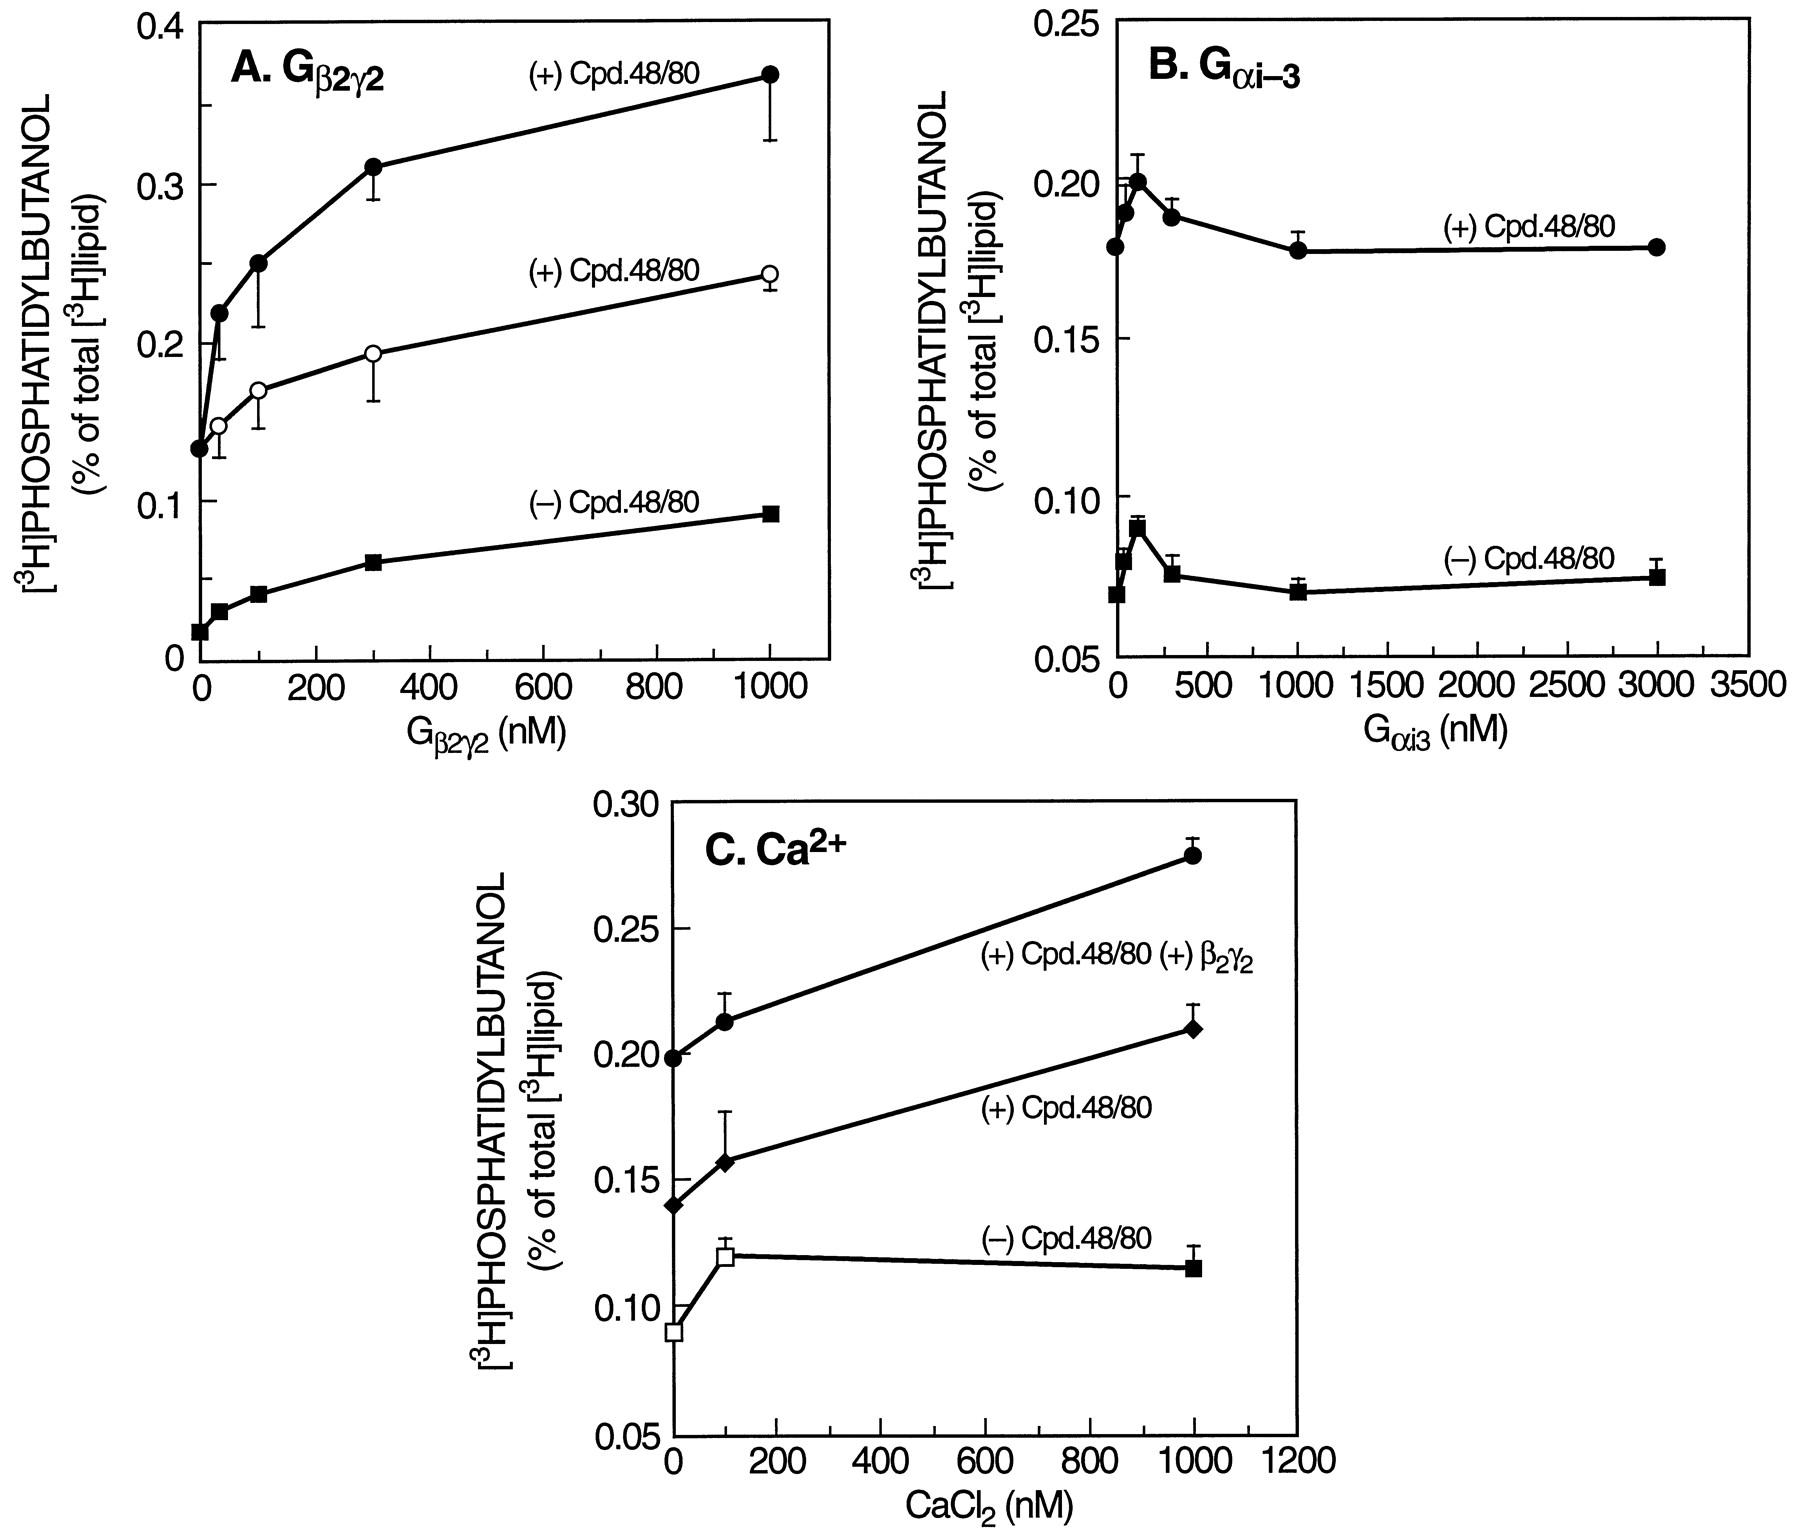 Compound 48/80 Activates Mast Cell Phospholipase D via